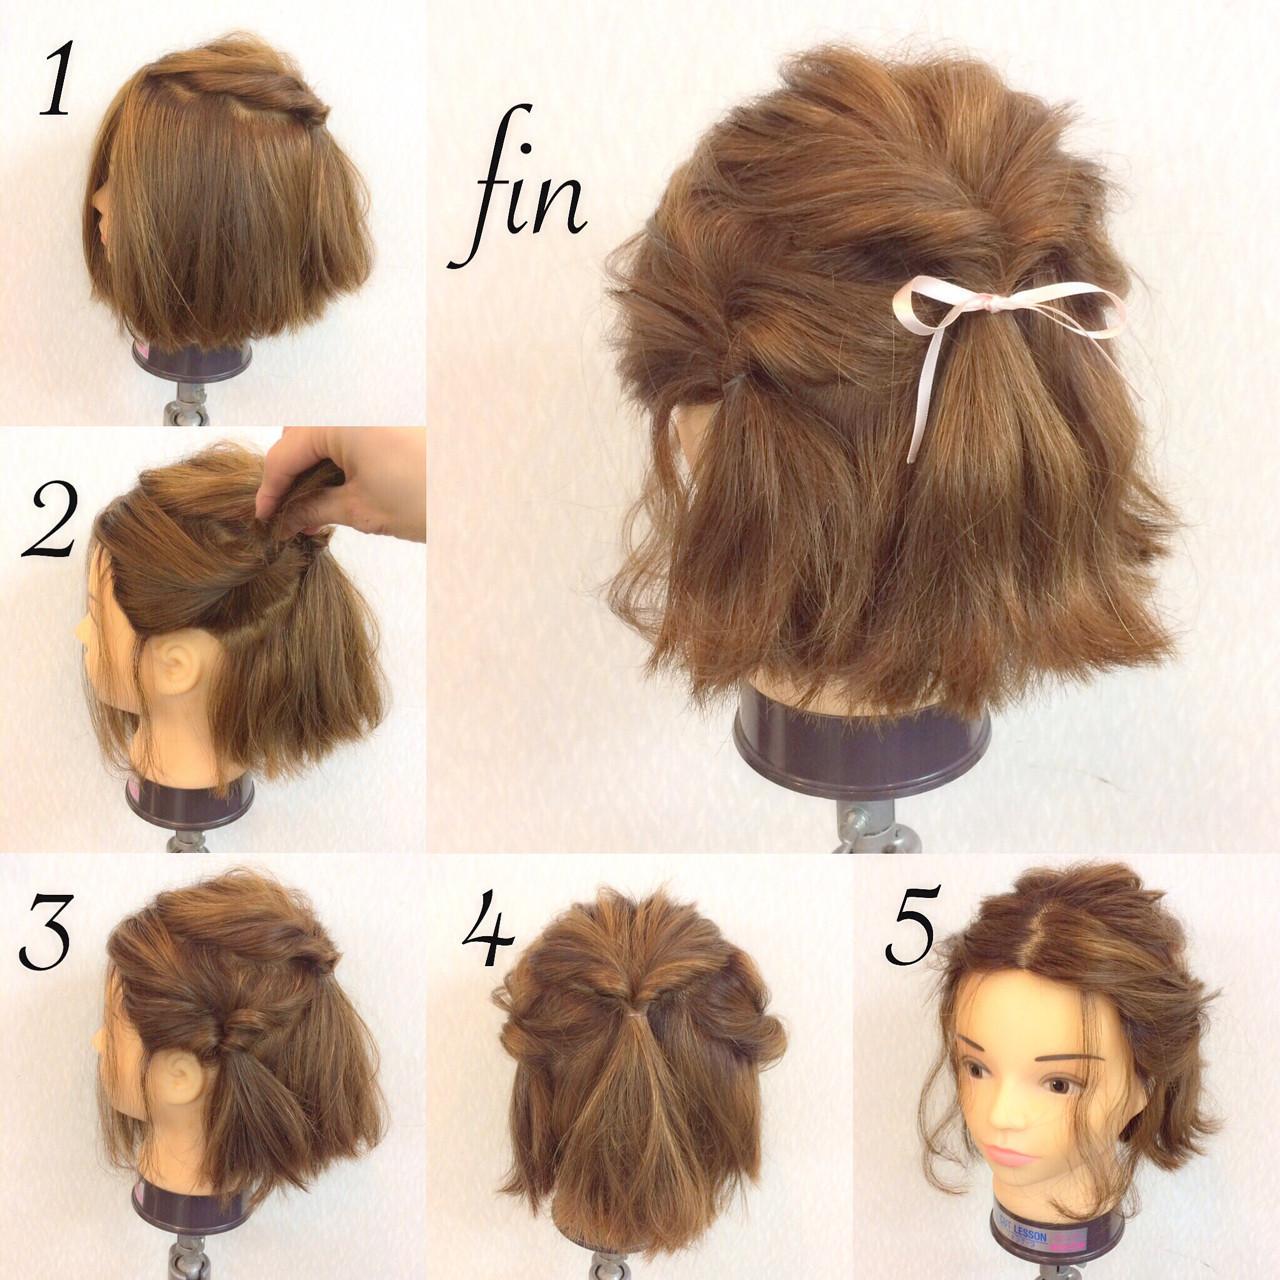 愛されヘアに変身♡黒髪のトレンド髪型を《年代別&シーン別》に紹介の15枚目の画像